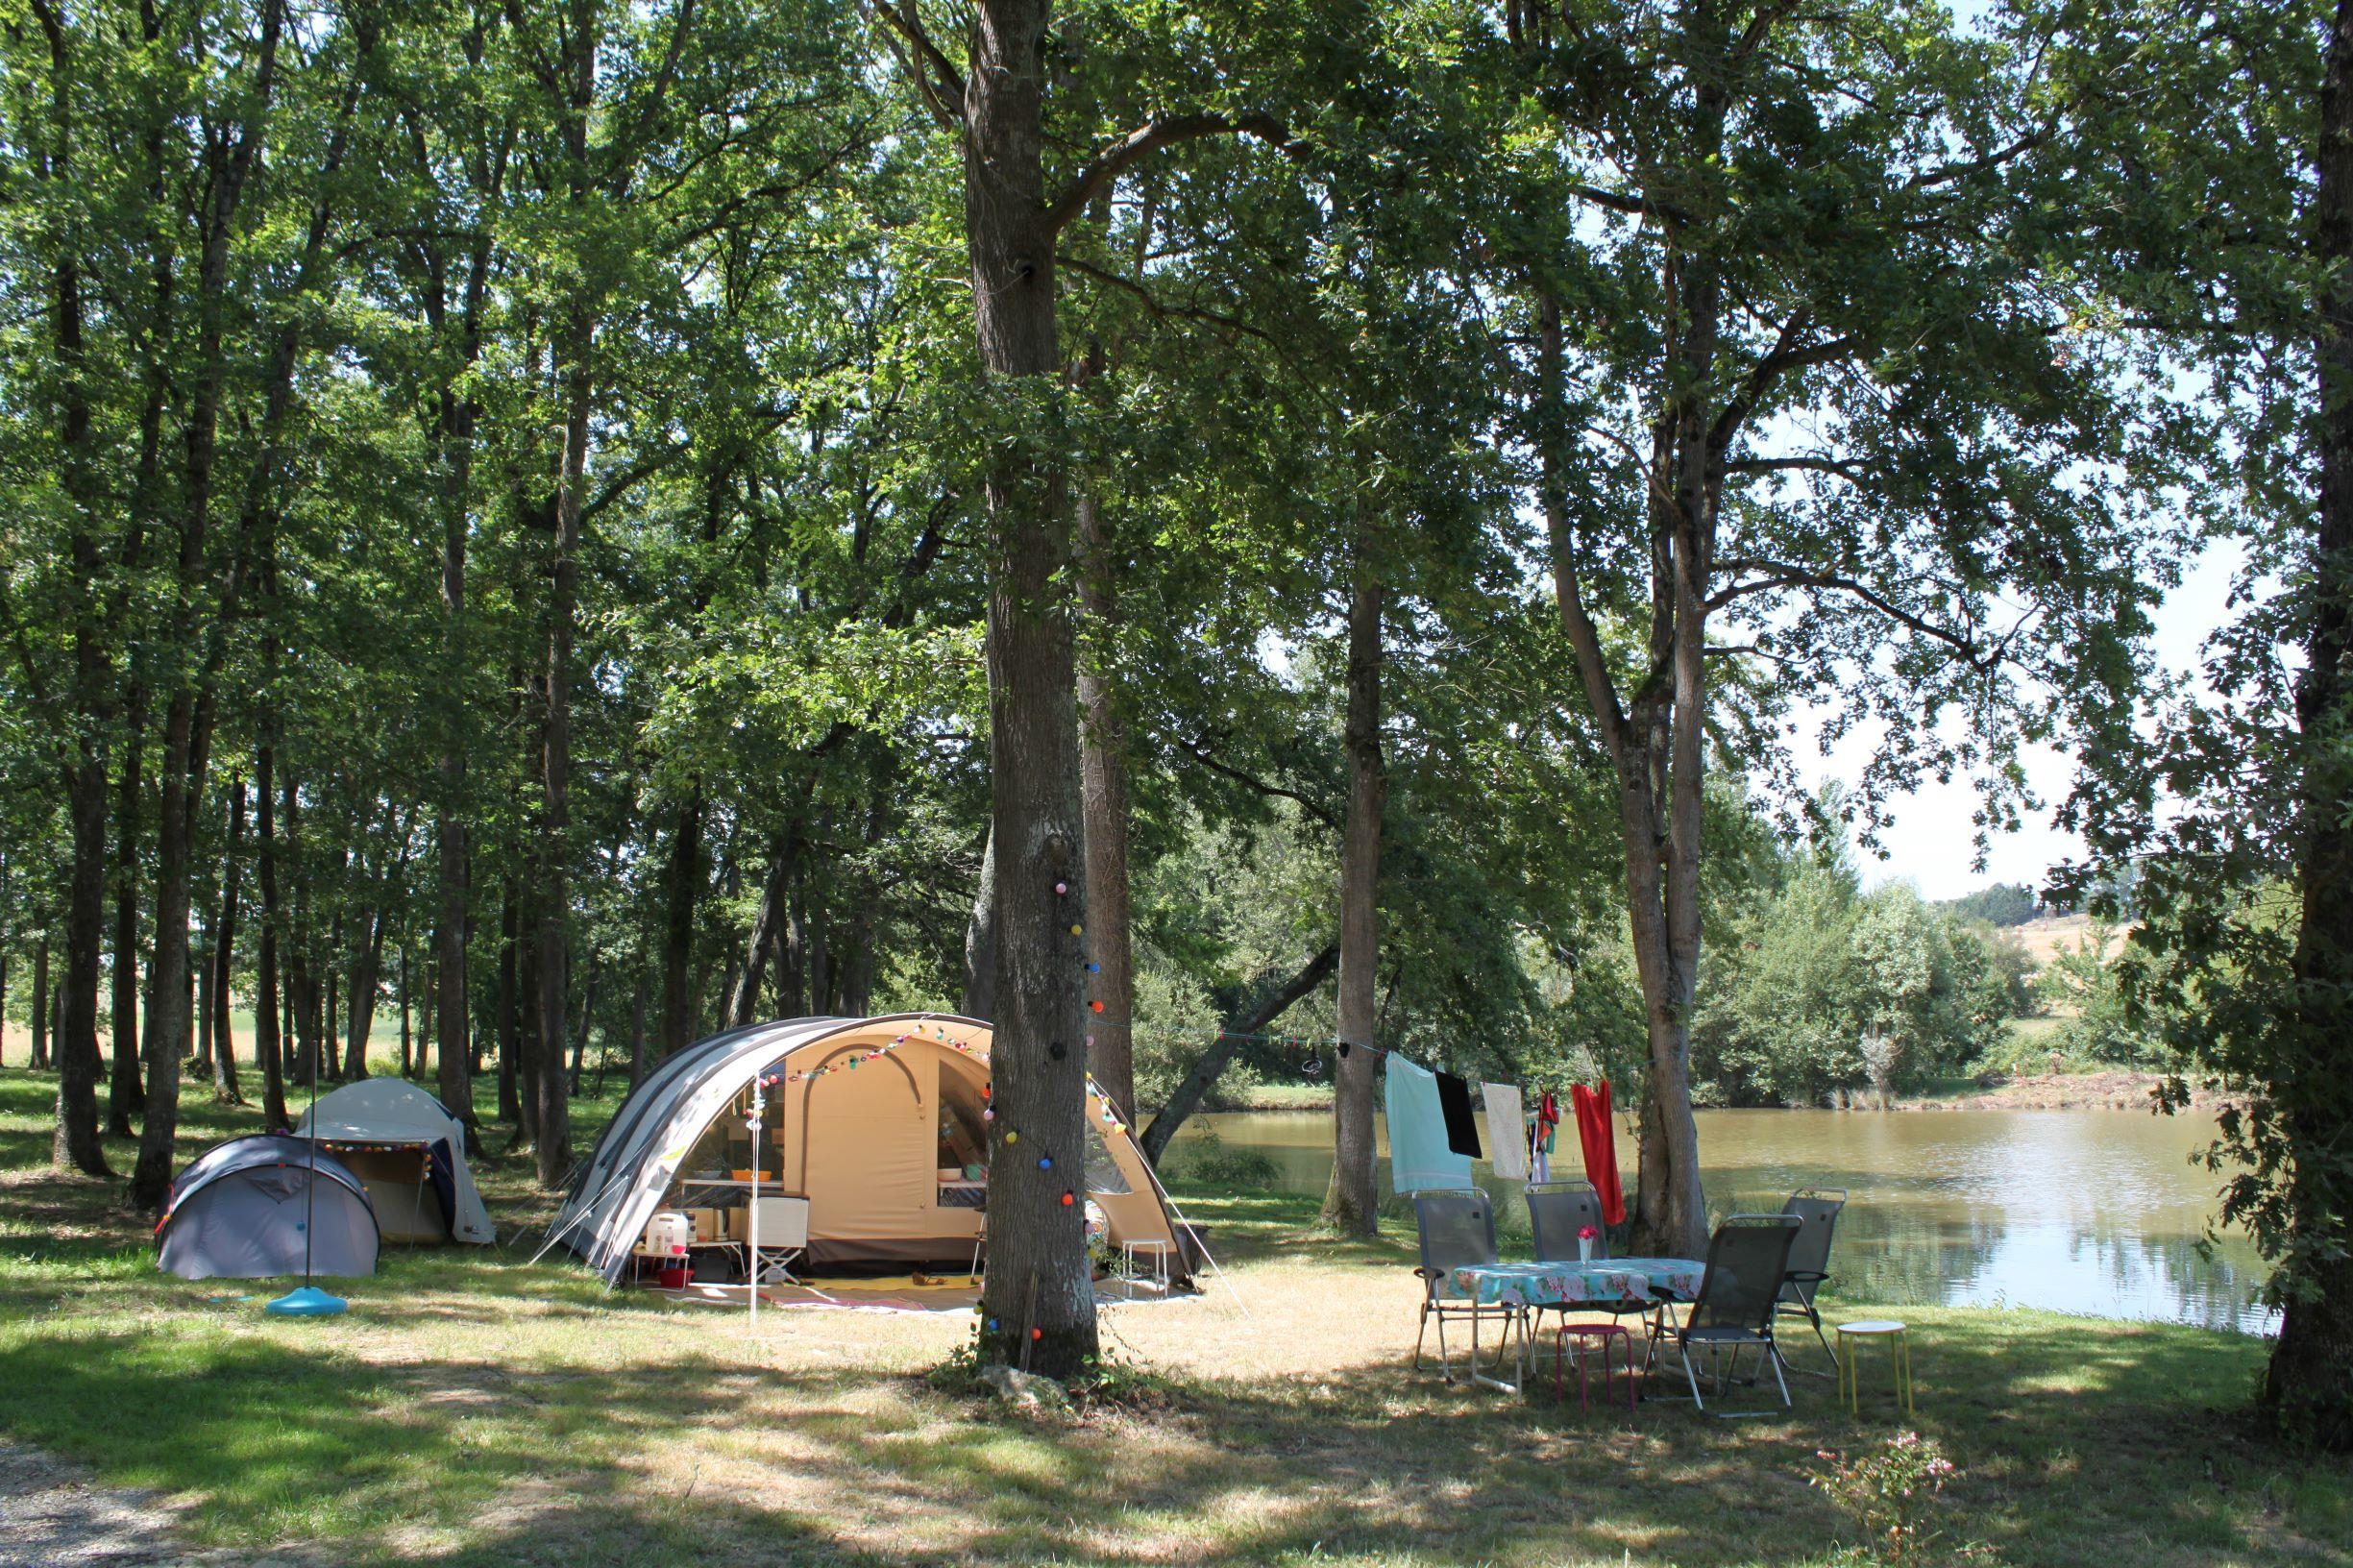 Emplacement - Emplacement Tente/Caravane/Camping-Car Au Bord Du Lac - - Camping Domaine Lacs de Gascogne